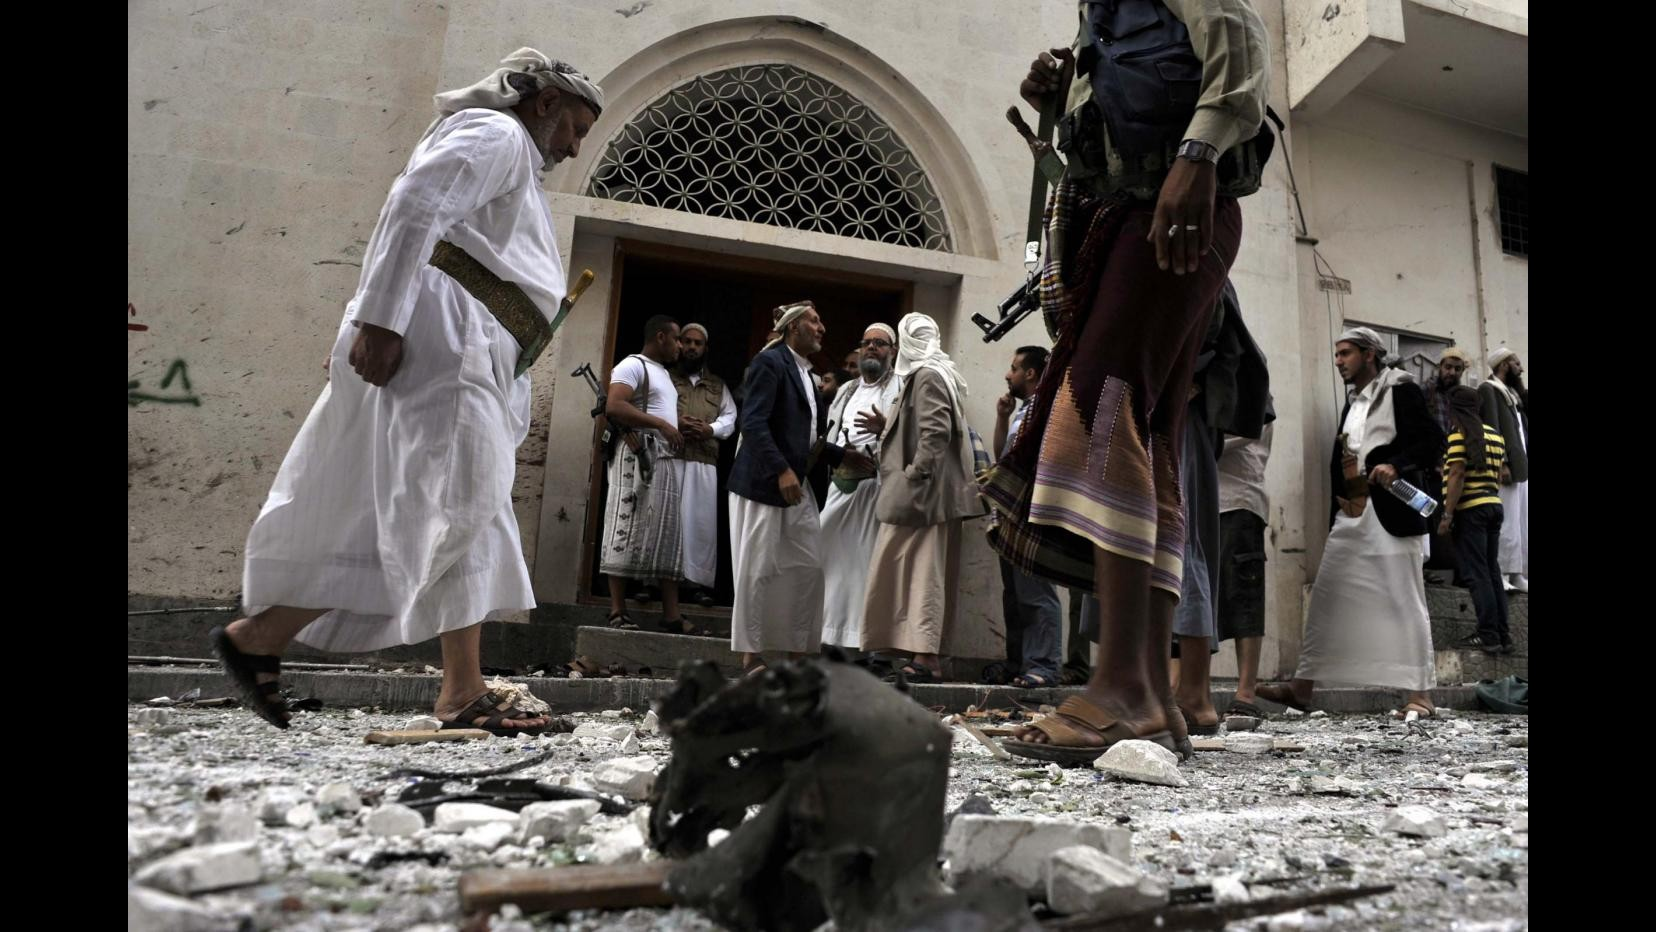 Attaccate moschee sunnite in Iraq. Arabia Saudita blocca voli e scambi con Iran